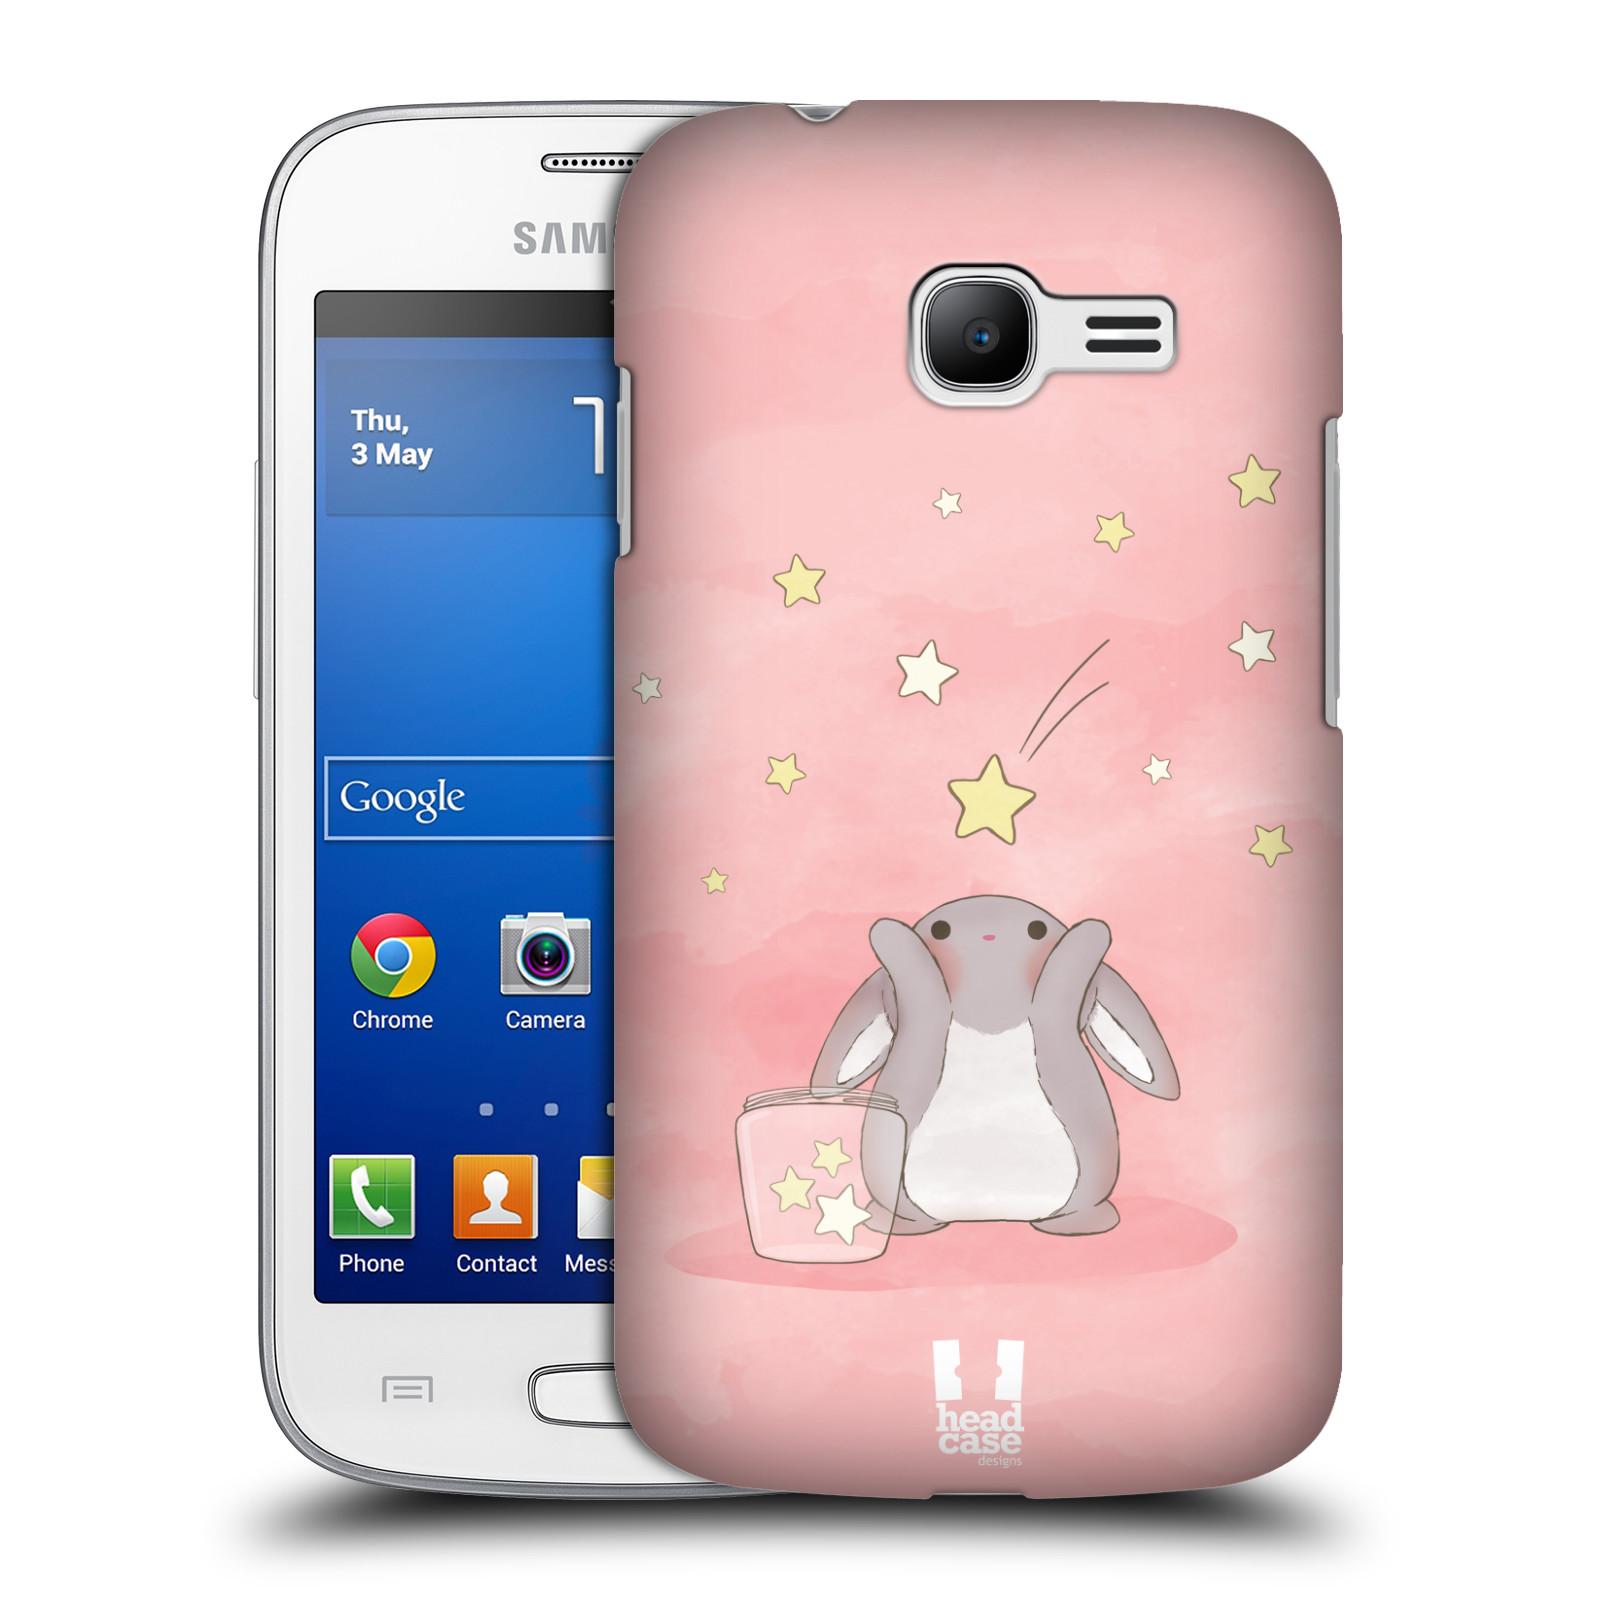 HEAD CASE plastový obal na mobil SAMSUNG GALAXY Star Pro S7260/S7262 DUOS vzor králíček a hvězdy růžová